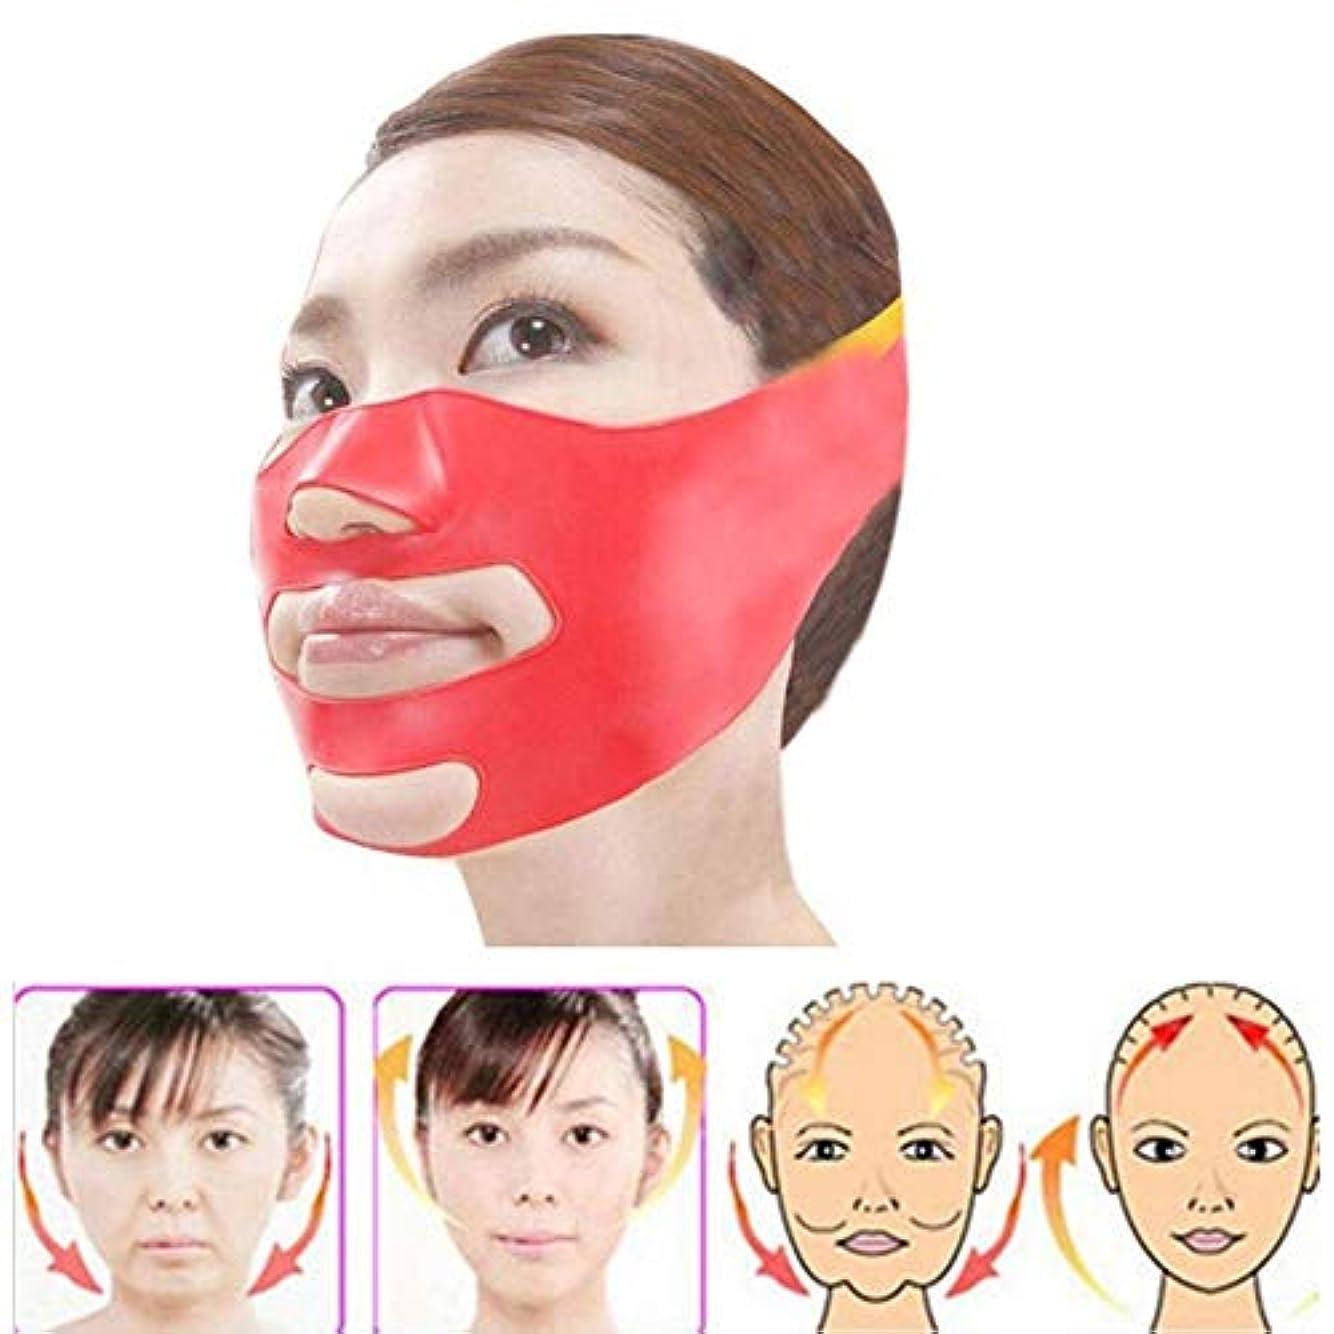 想定するアコーコーンウォールフェイスベルト 小顔 マスク リフトアップ Cinsey 小顔ベルト 美顔 小顔 矯正 顔痩せ マスク シリコン 抗しわ 皮膚改善 軽量 通気性